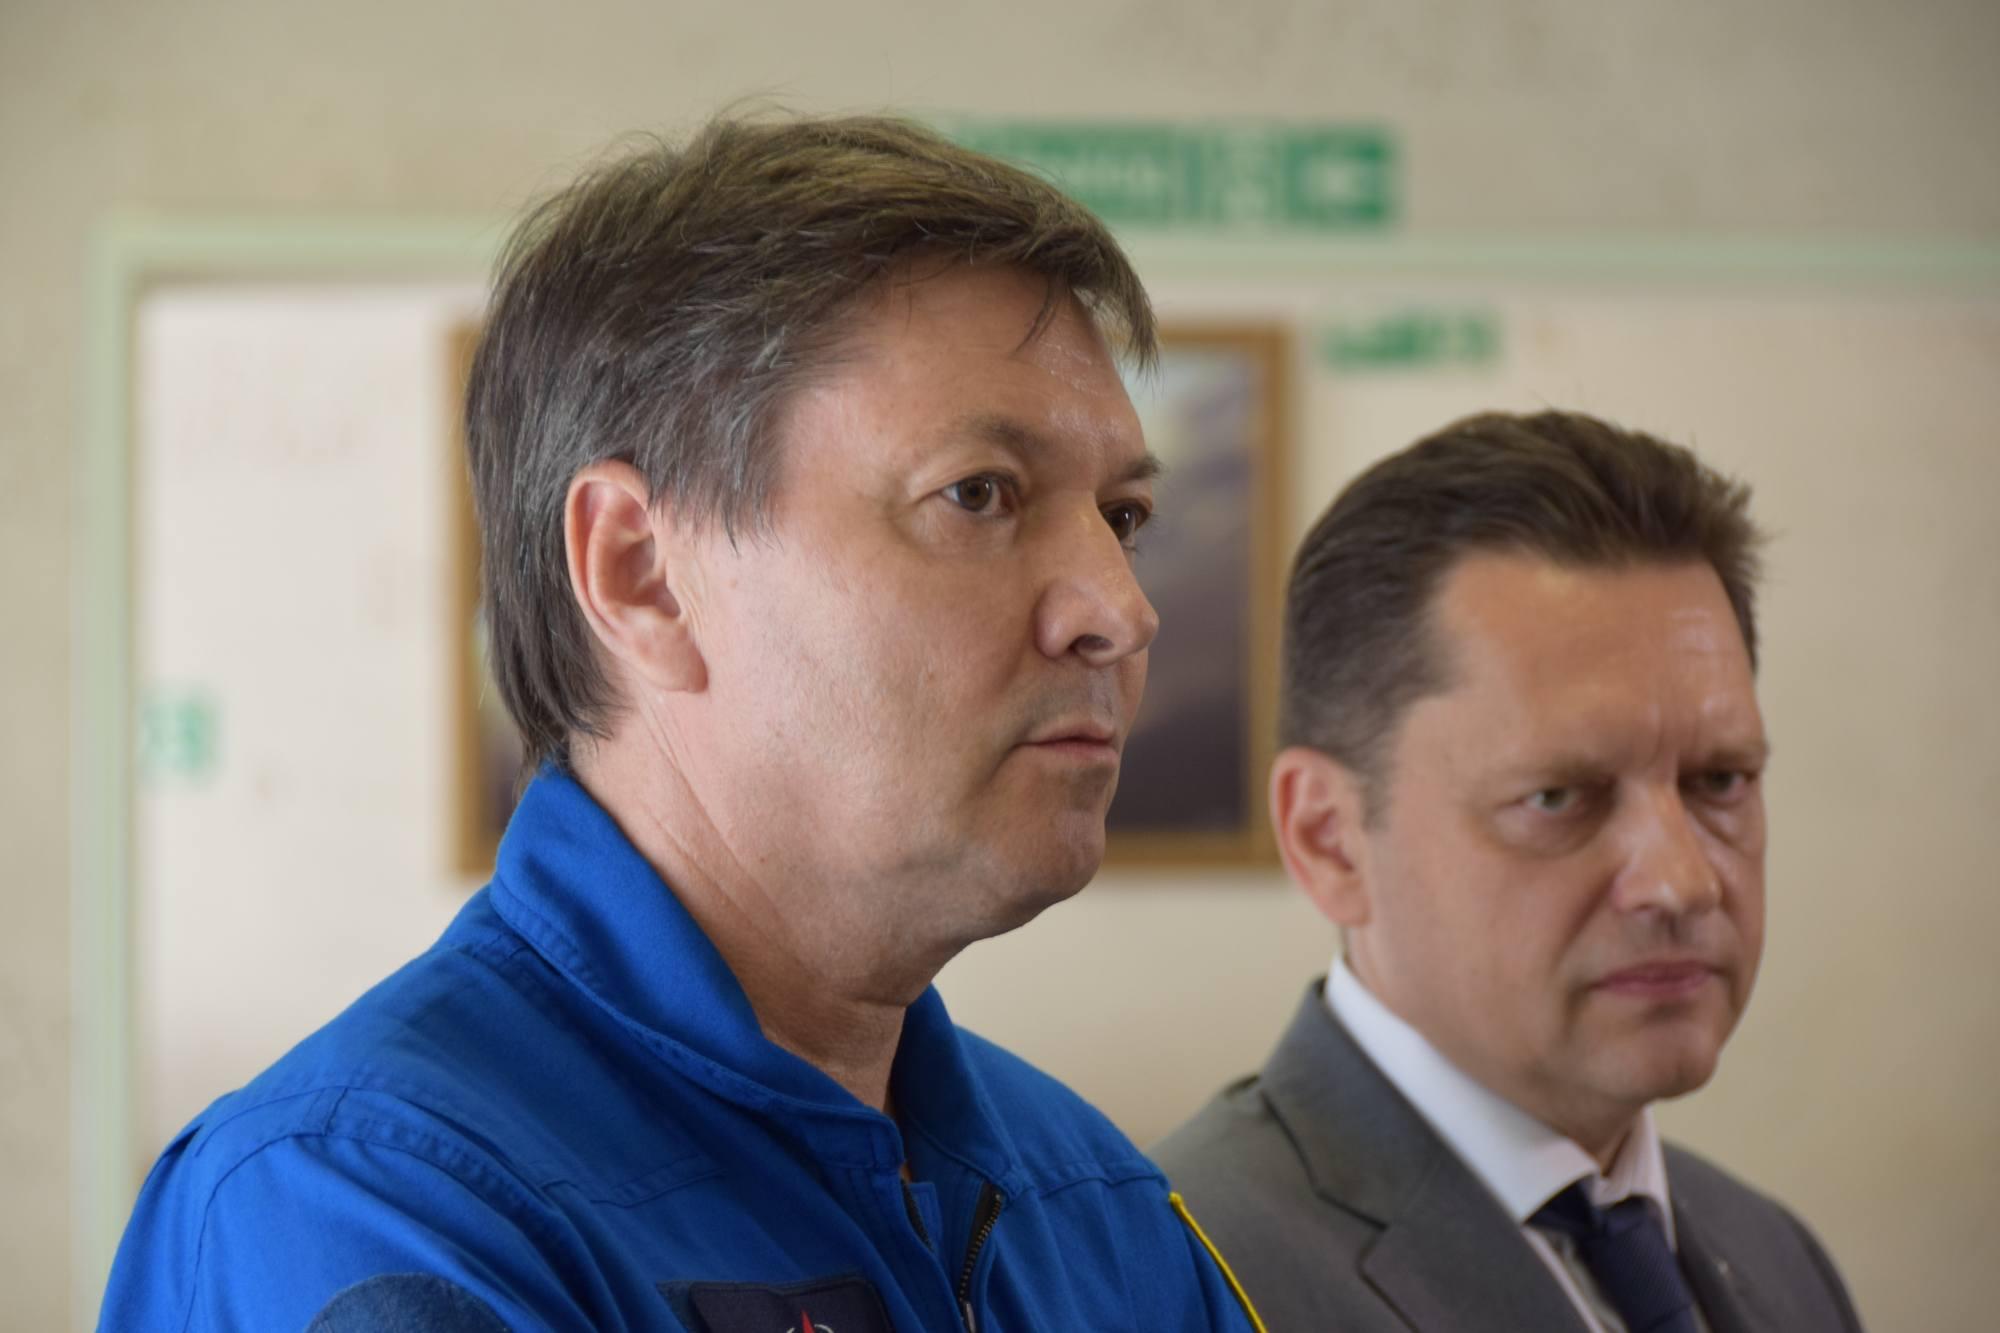 De droite à gauche, le DG et le vice-DG du TsPK, respectivement Maxime Kharlamov et Oleg Kononenko.